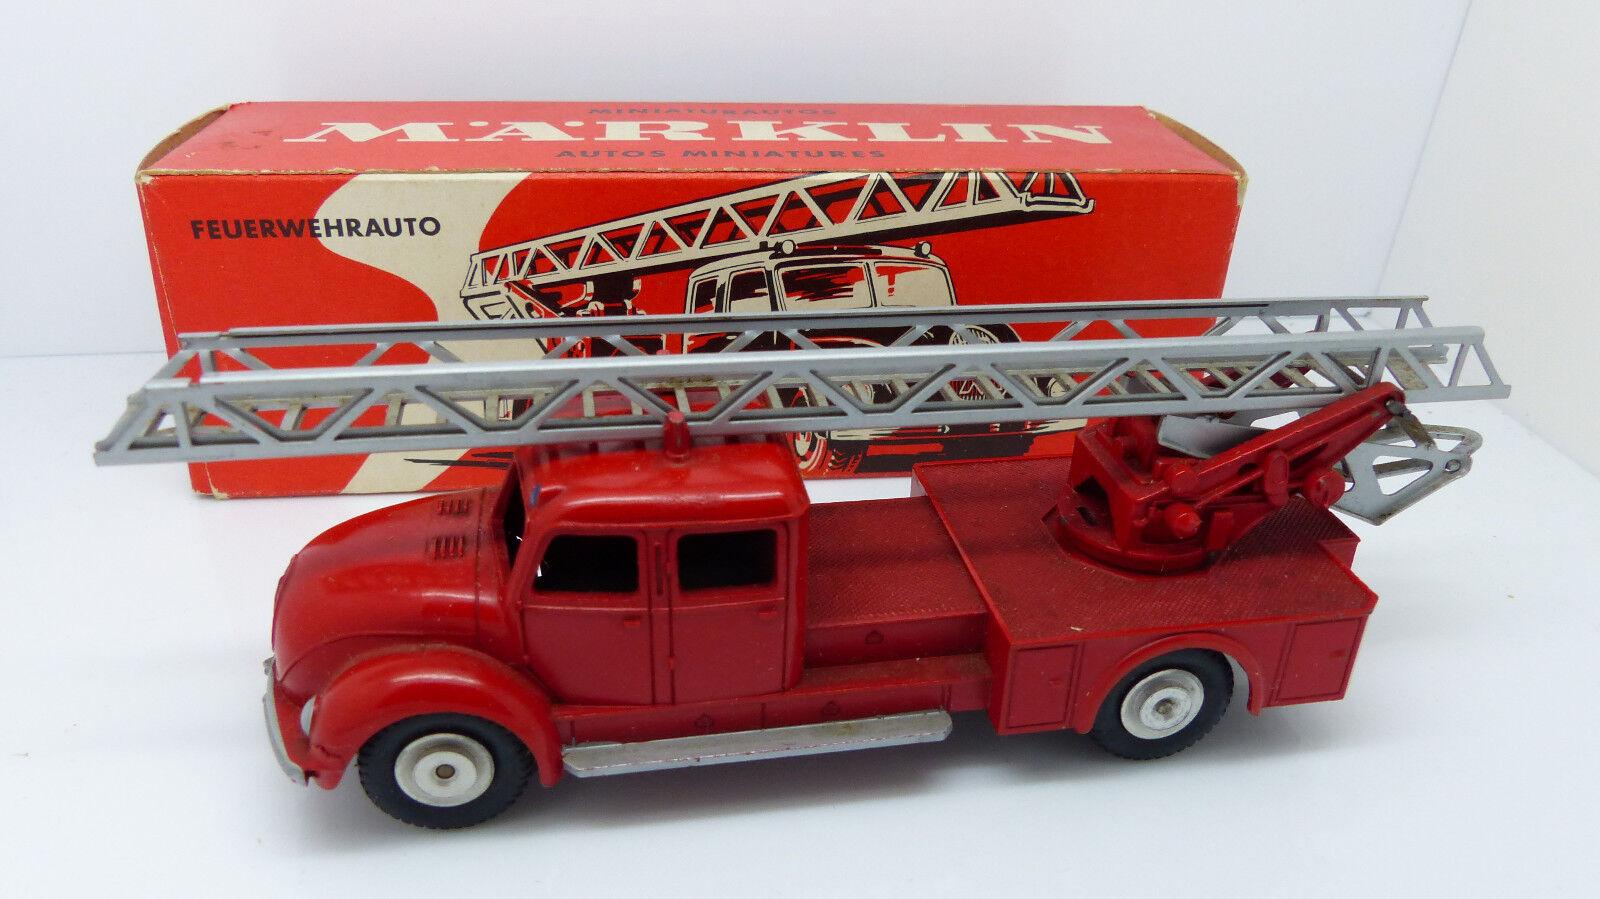 suministramos lo mejor Marklin 8023 Marquis Deutz bomberos tierno van camión Mib Juguete Juguete Juguete Original difícil de encontrar  para proporcionarle una compra en línea agradable